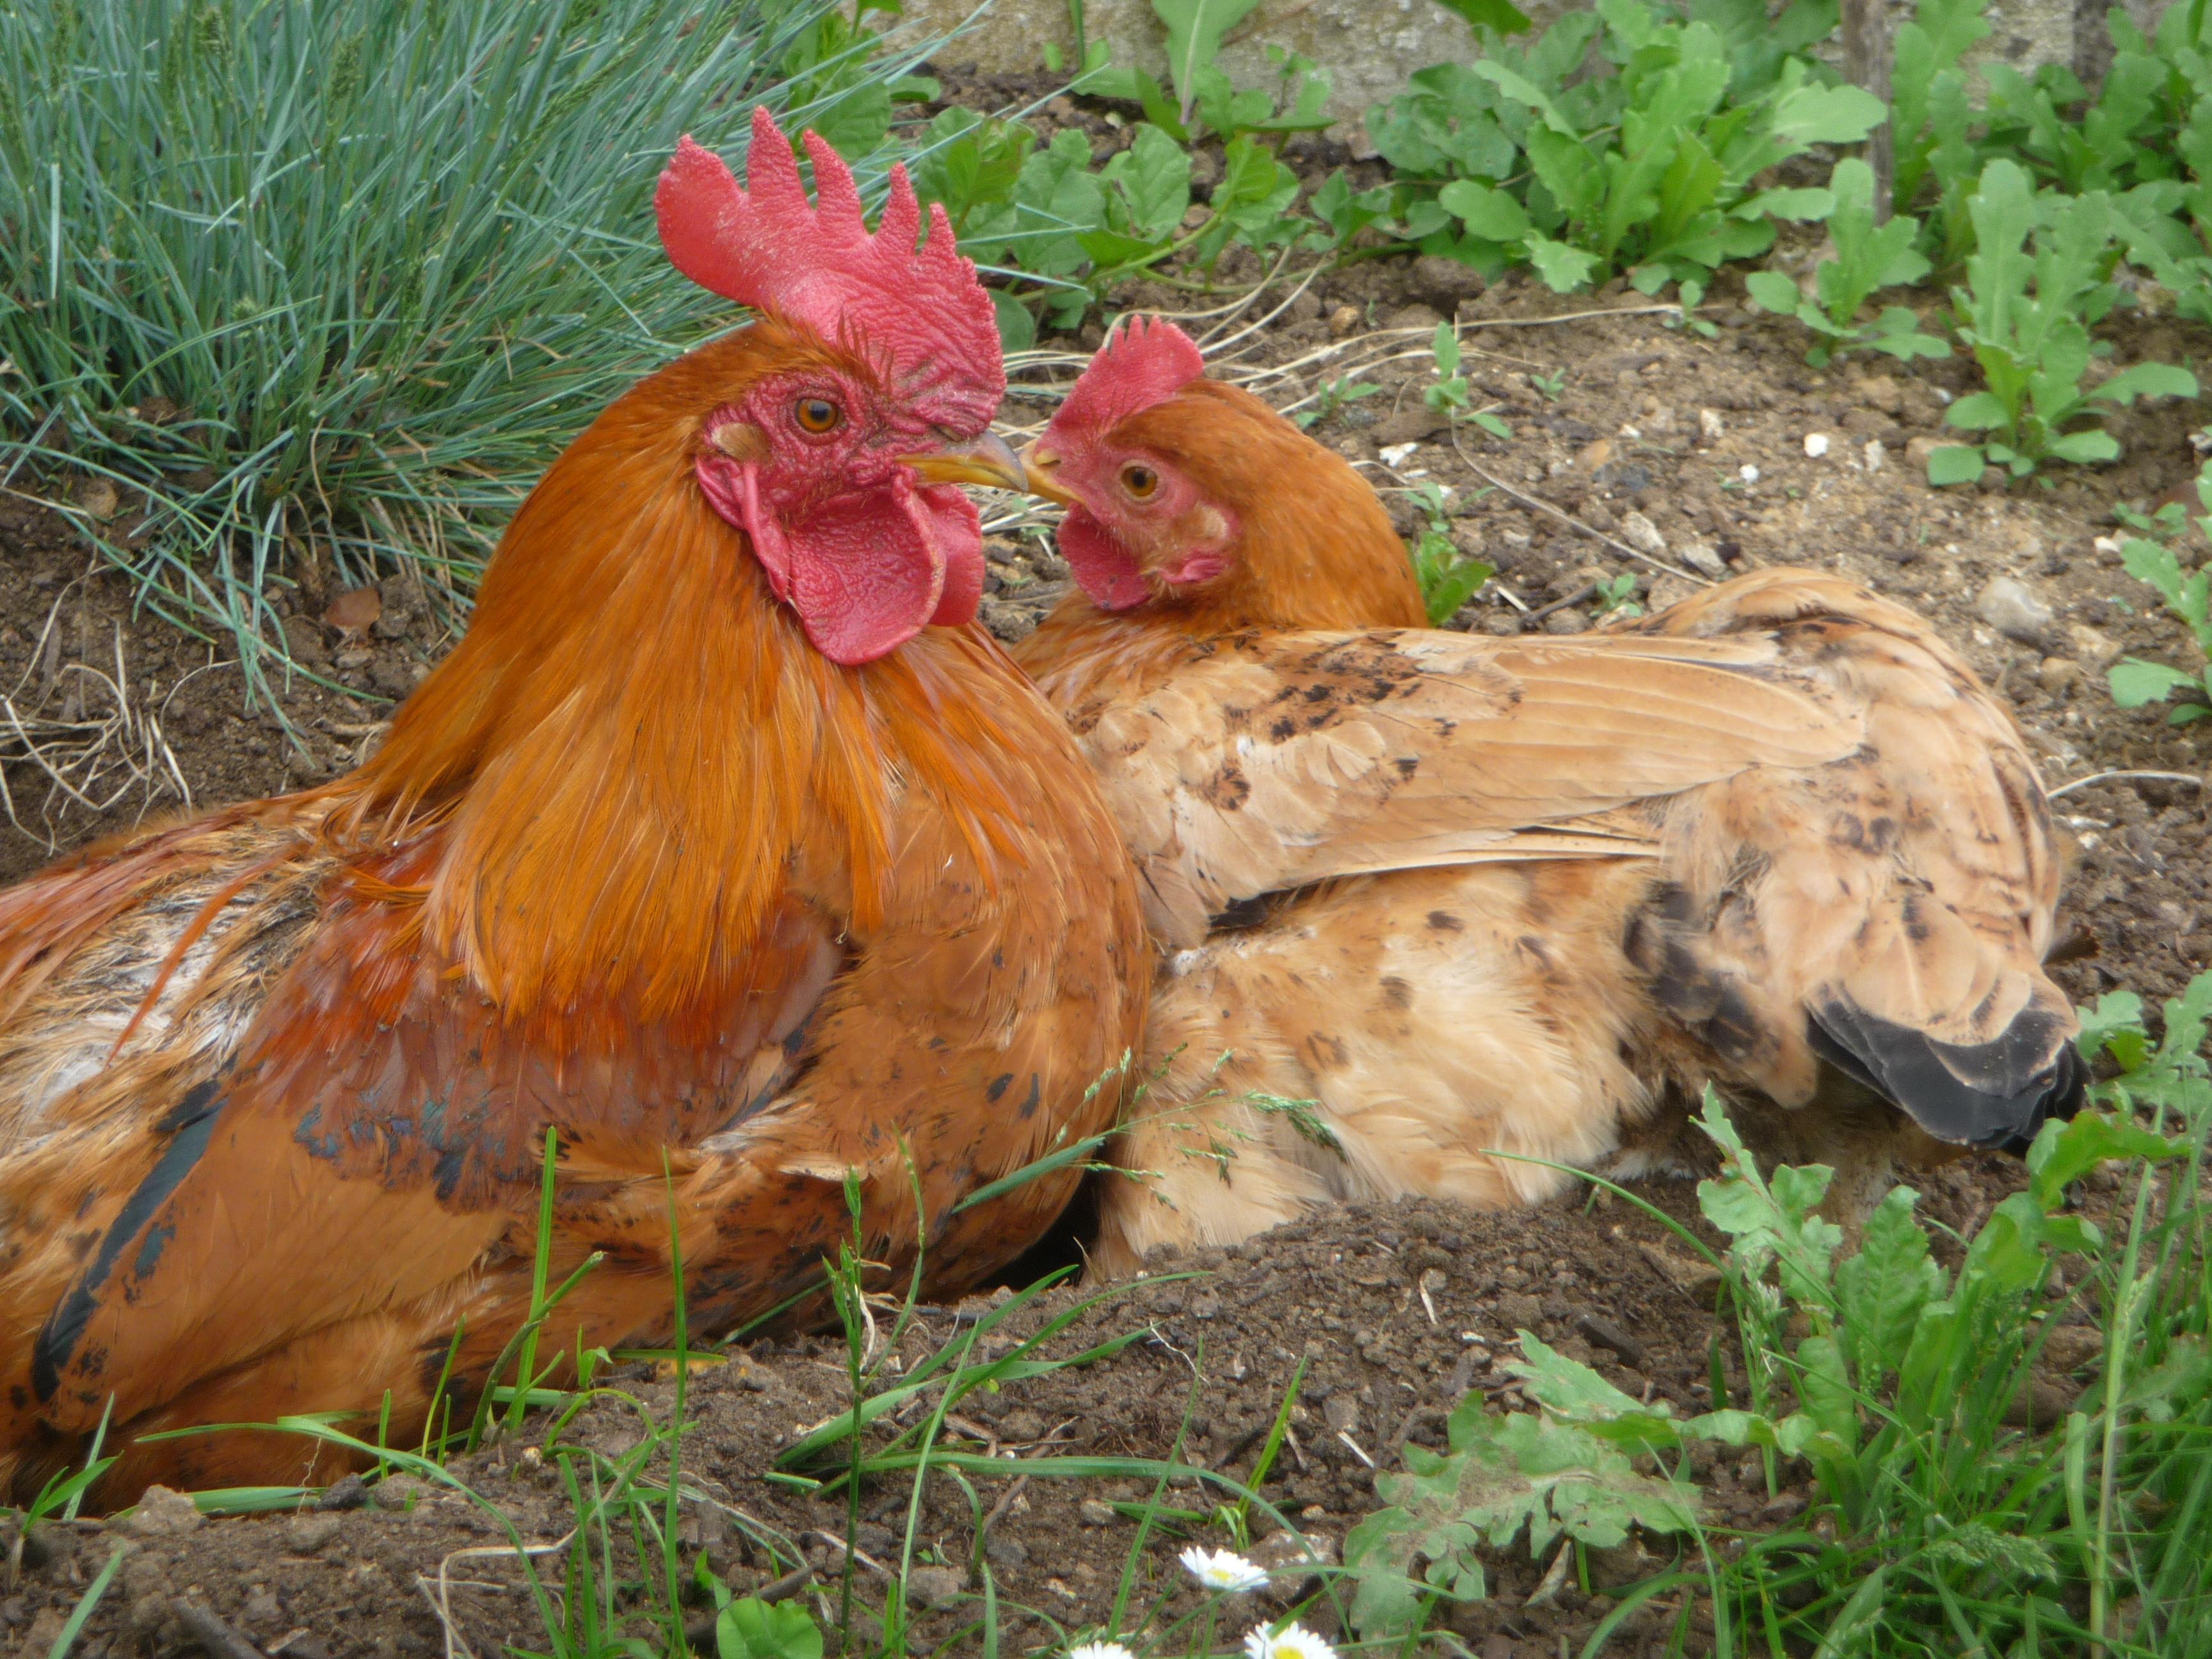 Mettre Des Poules Dans Son Jardin quelques conseils pour démarrer un élevage de poules